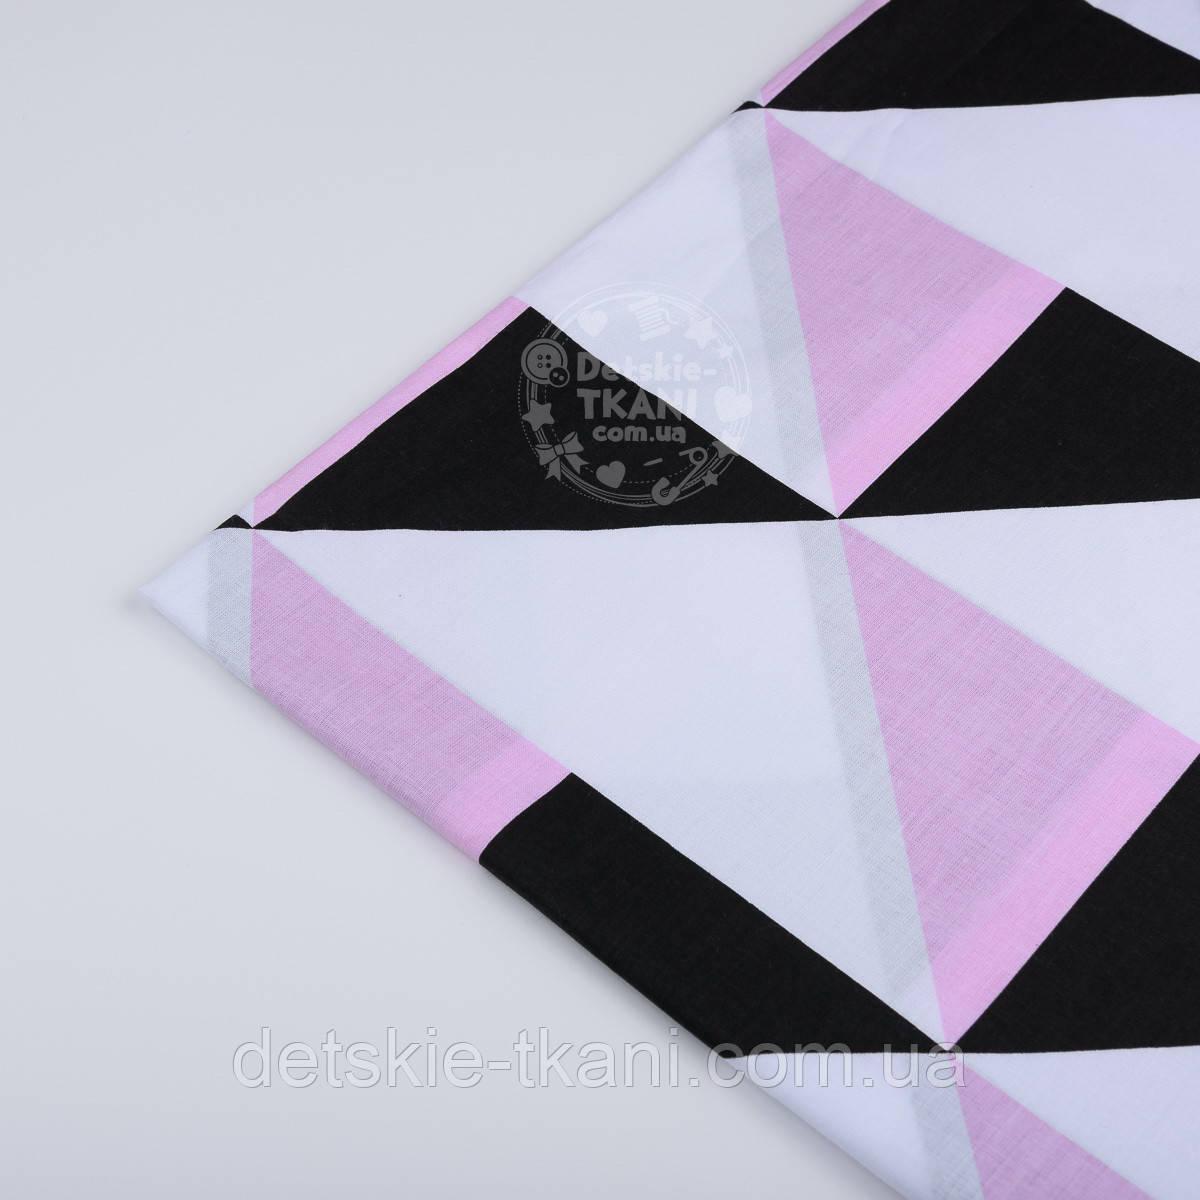 Лоскут ткани с большими треугольниками чёрного и розового цвета (№ 796), размер 40*80 см